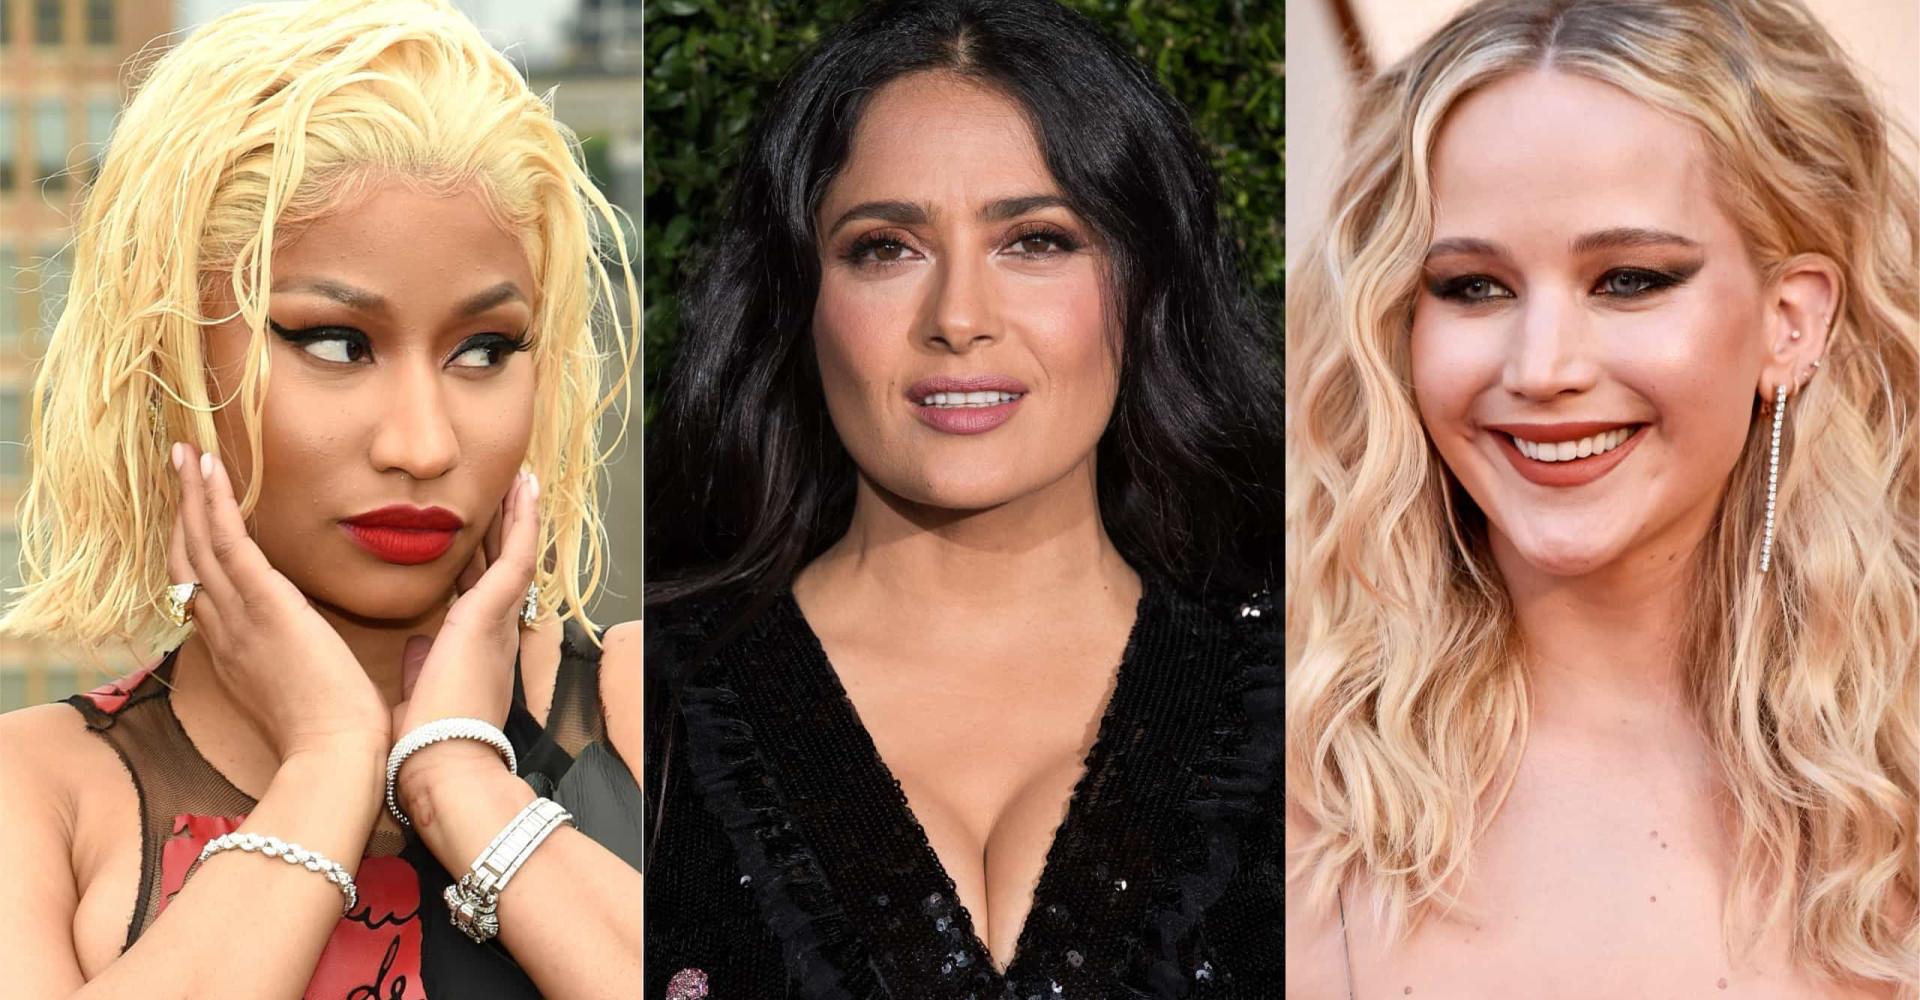 Diese weiblichen Stars sprechen über den Gender Pay Gap